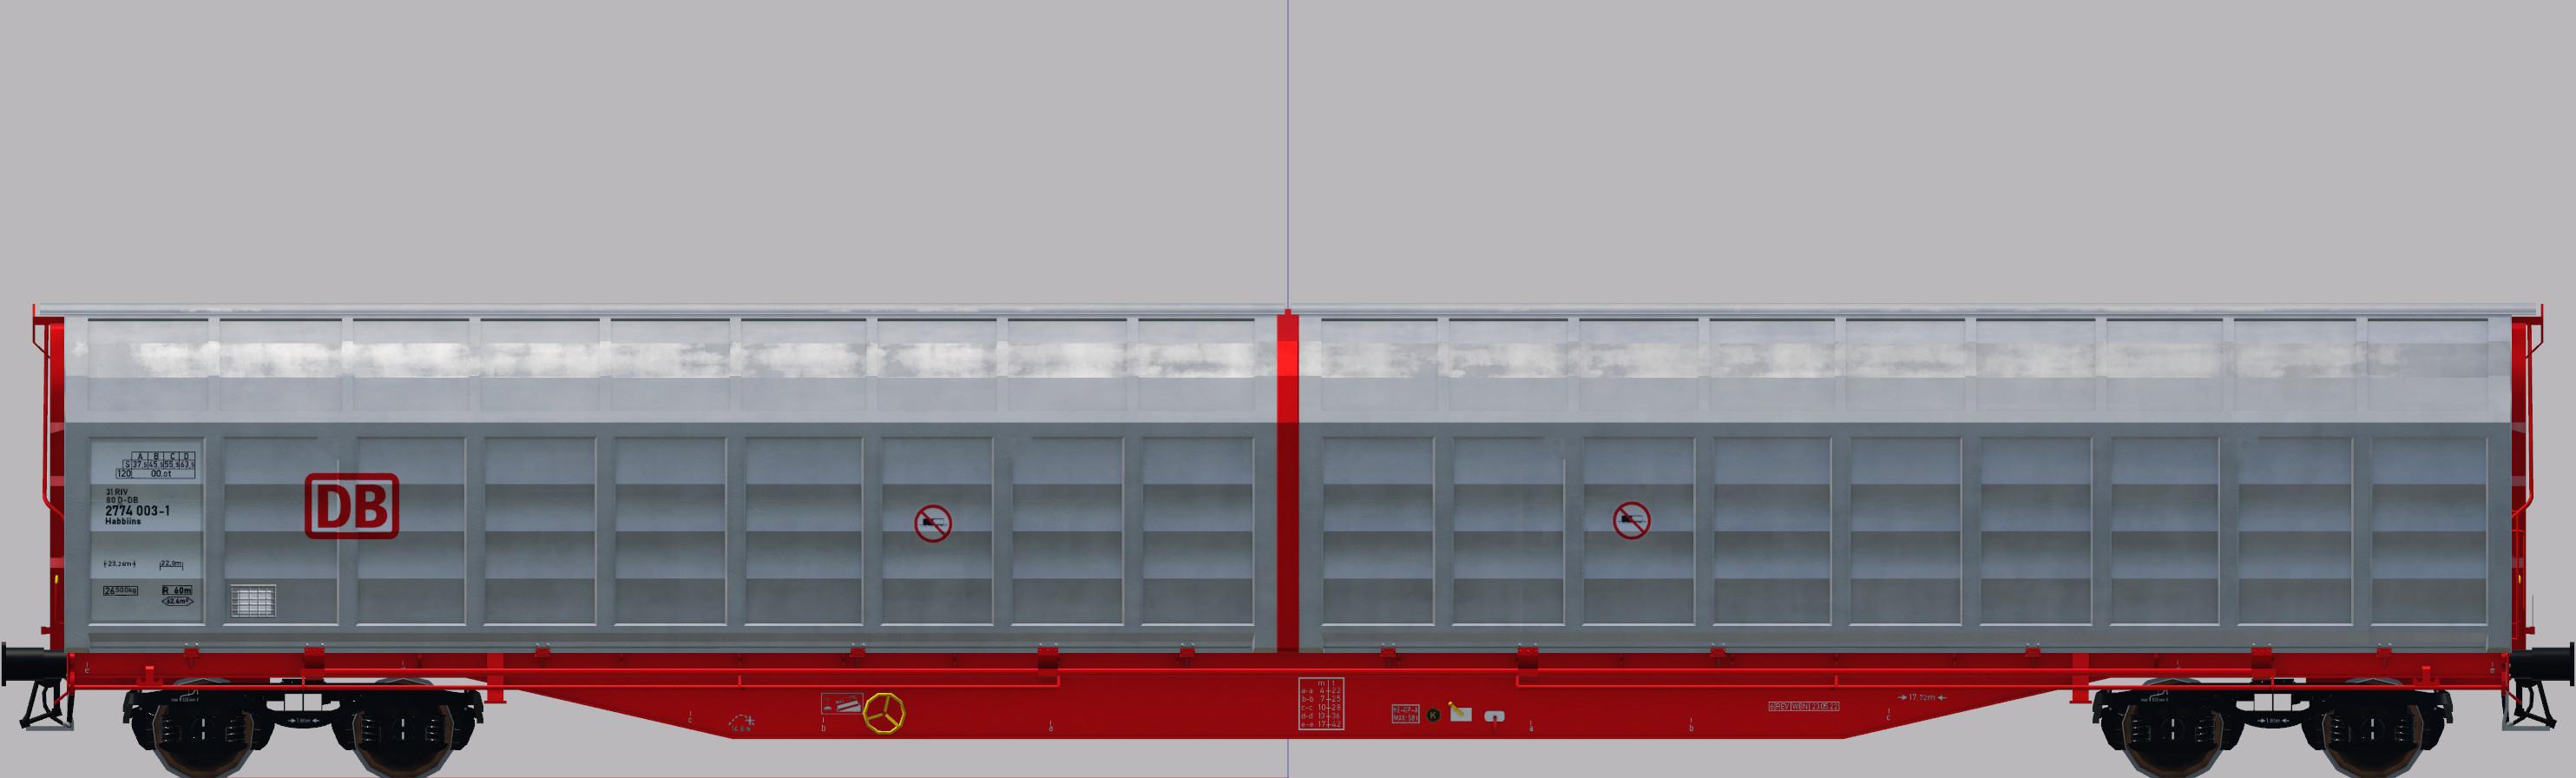 Transport Fever 2 - Habbiillnss Reskin Pack